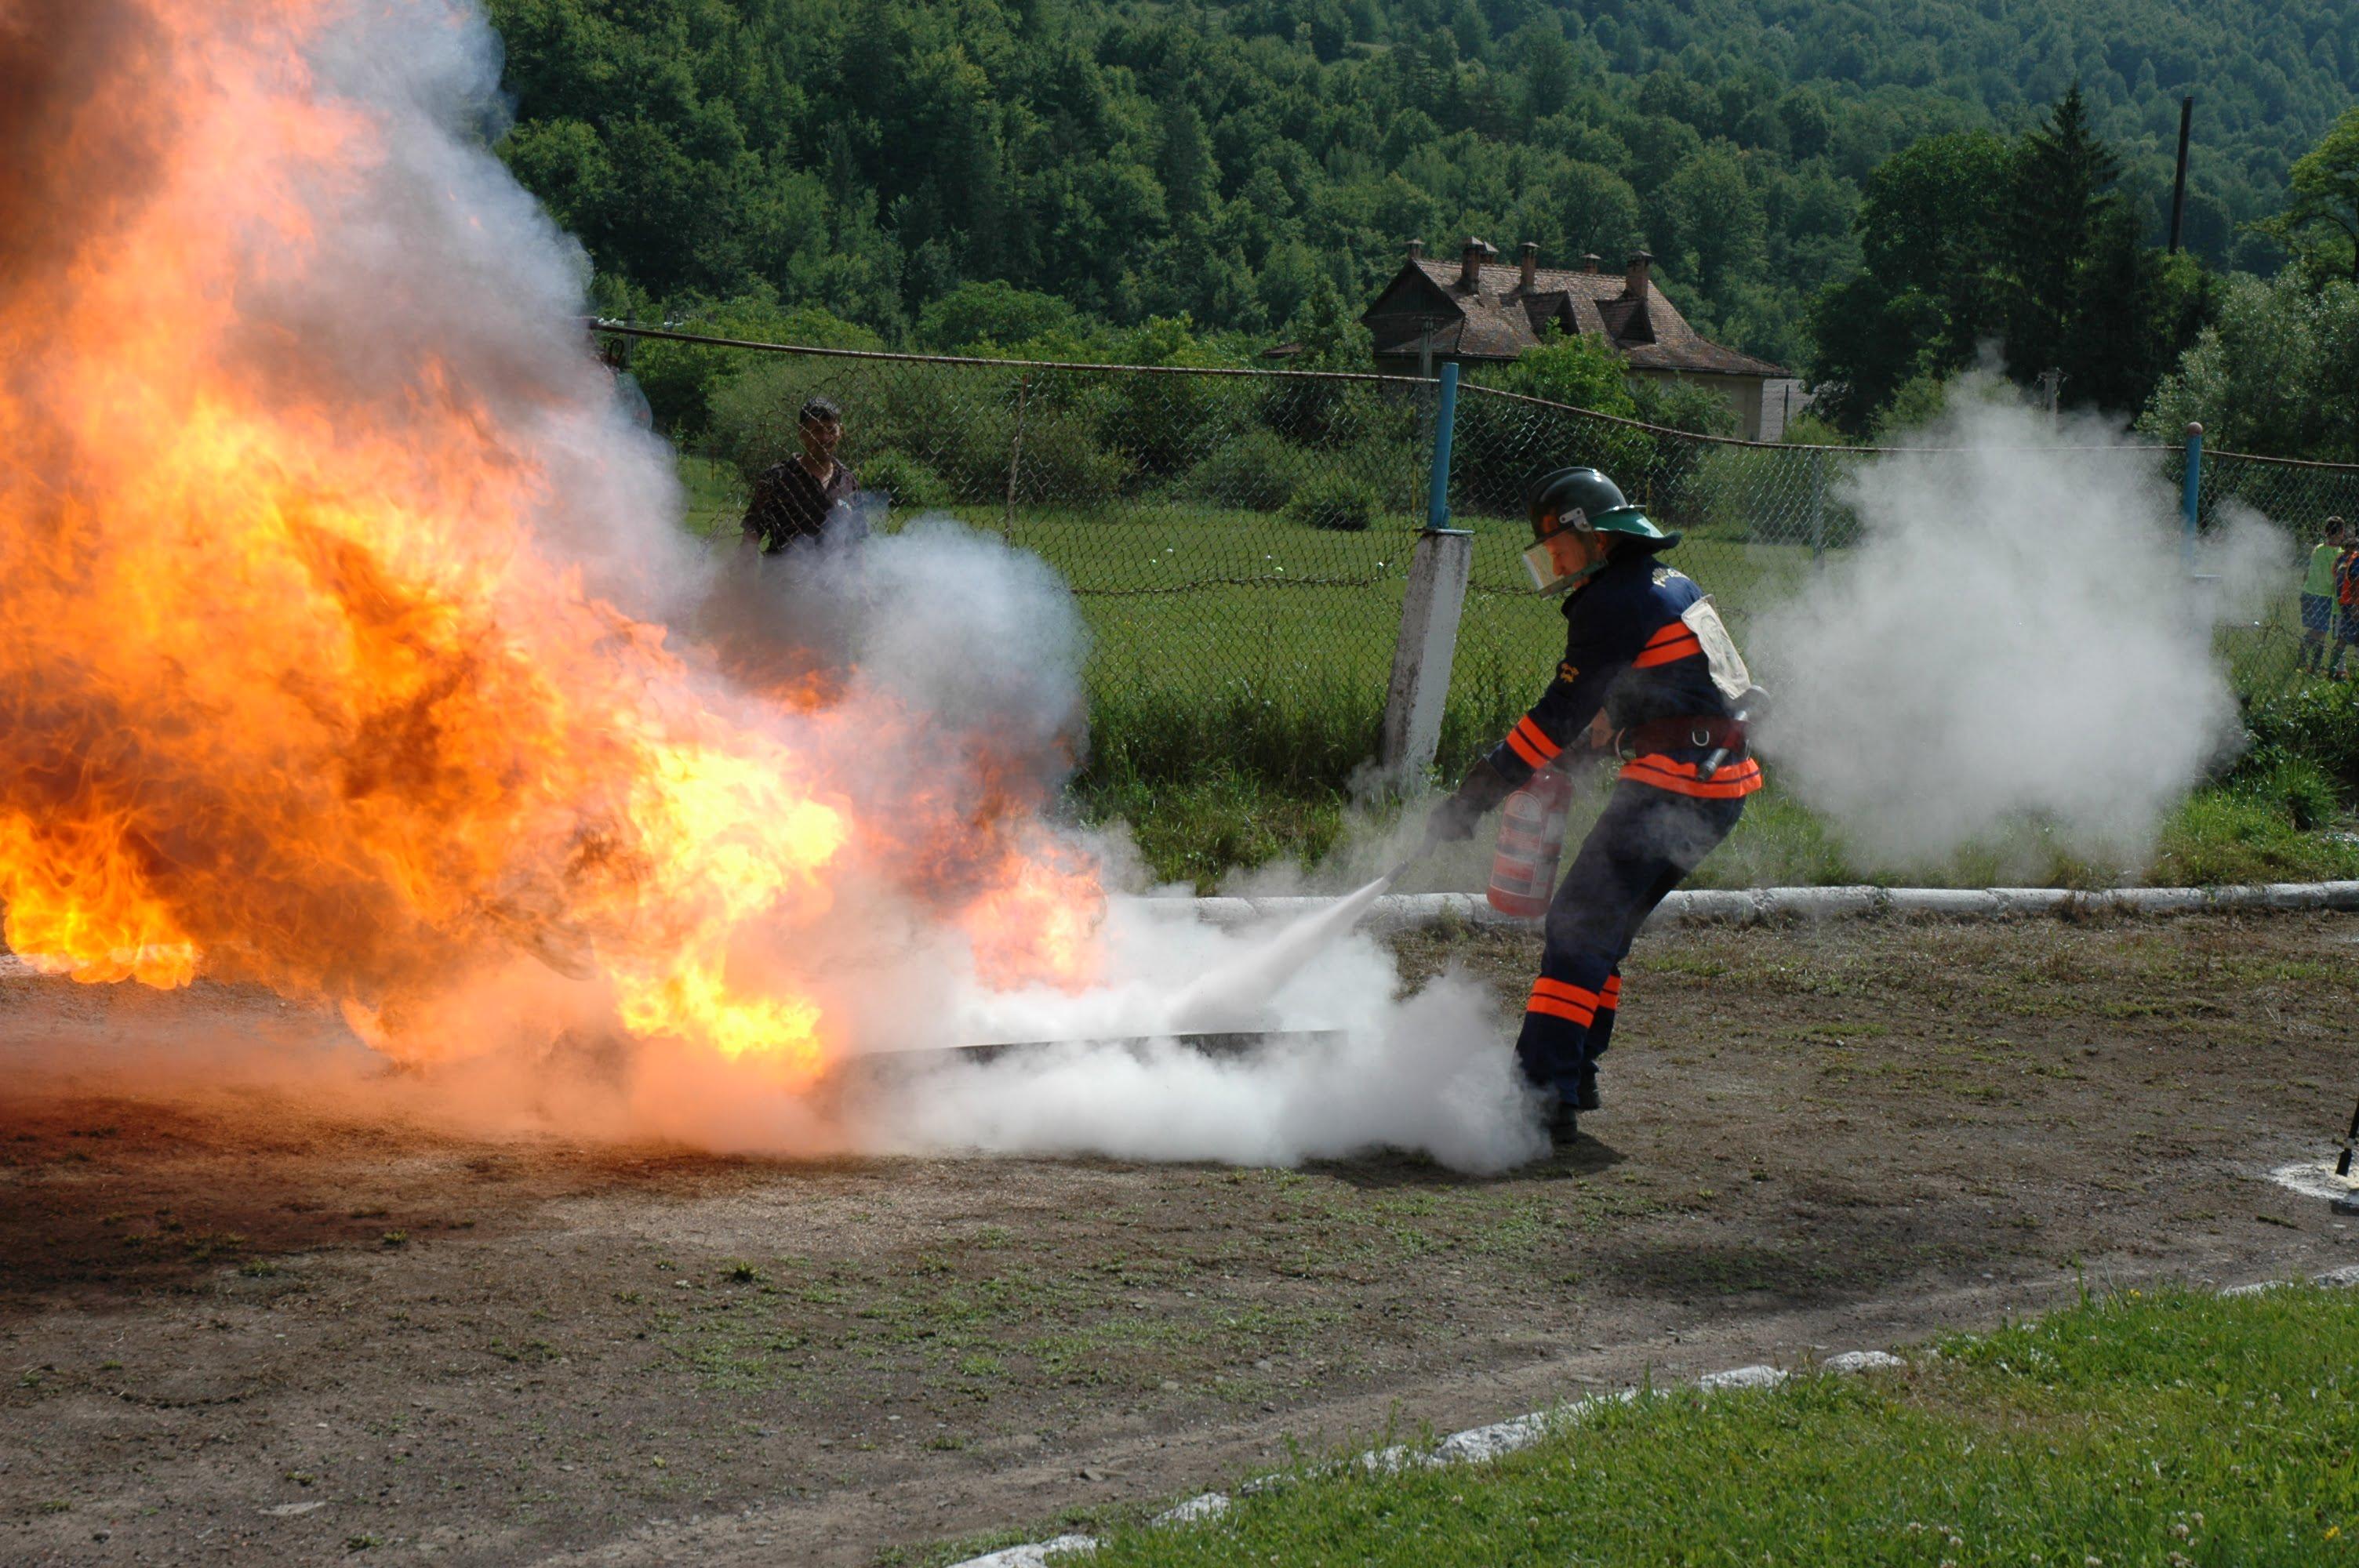 Câștigătorii concursurilor profesionale ale Serviciilor Voluntare şi Private pentru Situaţii de Urgenţă – etapa judeţeană